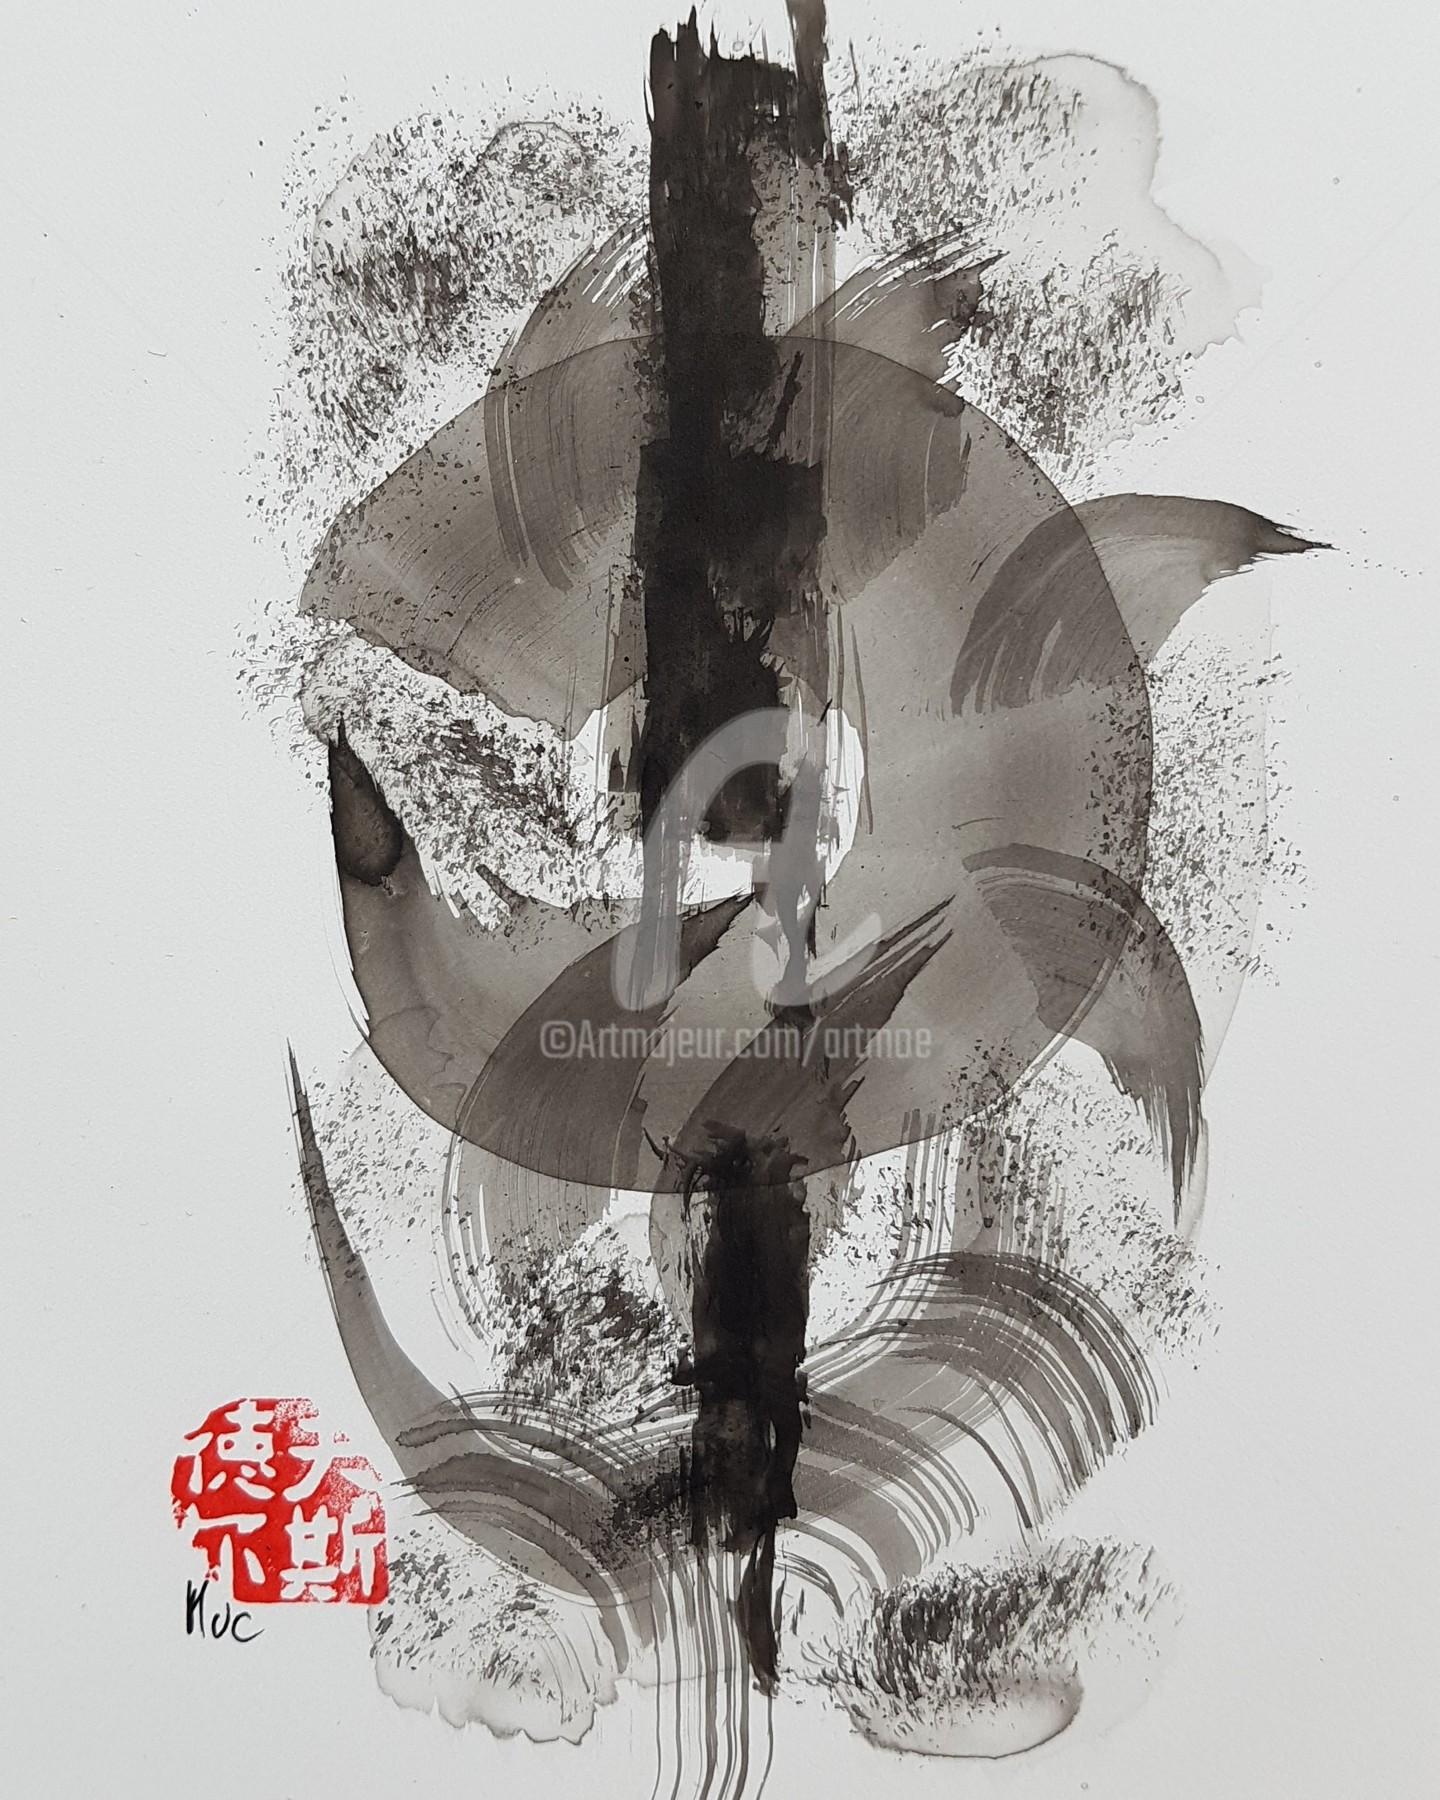 Art Moé - Sumi e Contemporary #12